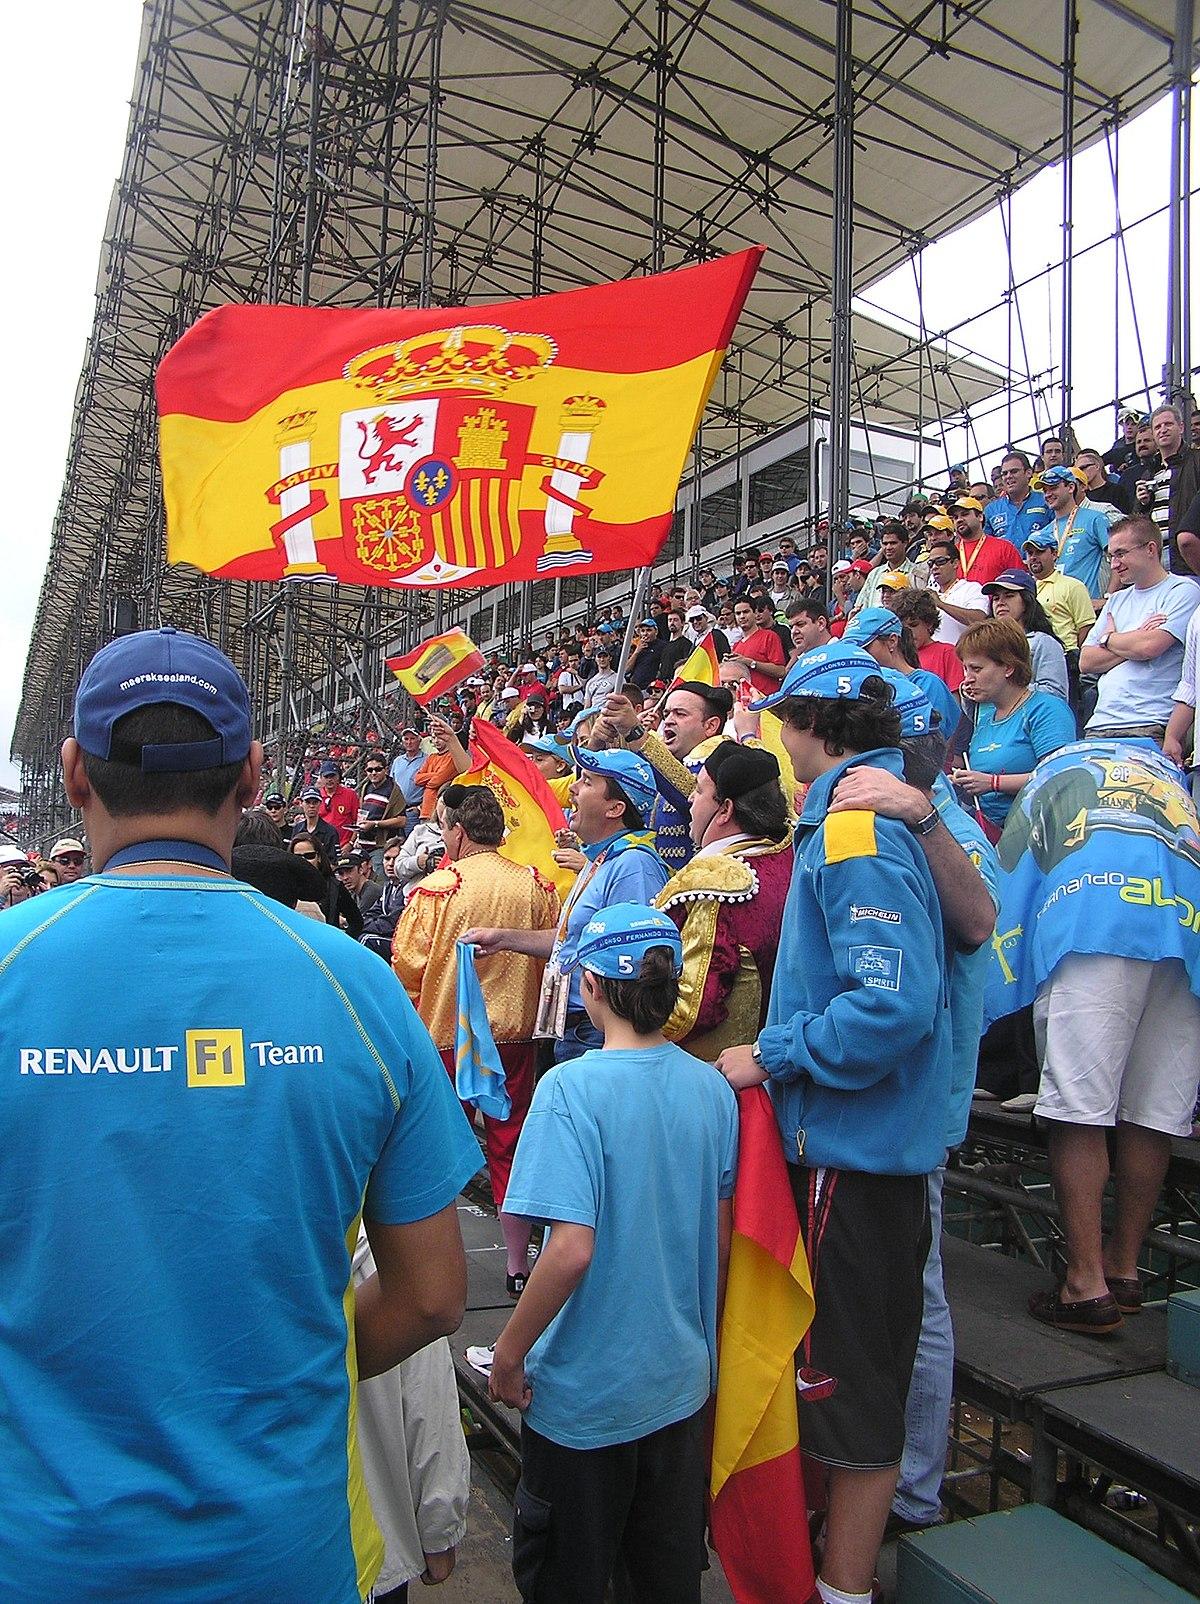 [Imagen: 1200px-25_September_2005_BrazilGP.jpg]